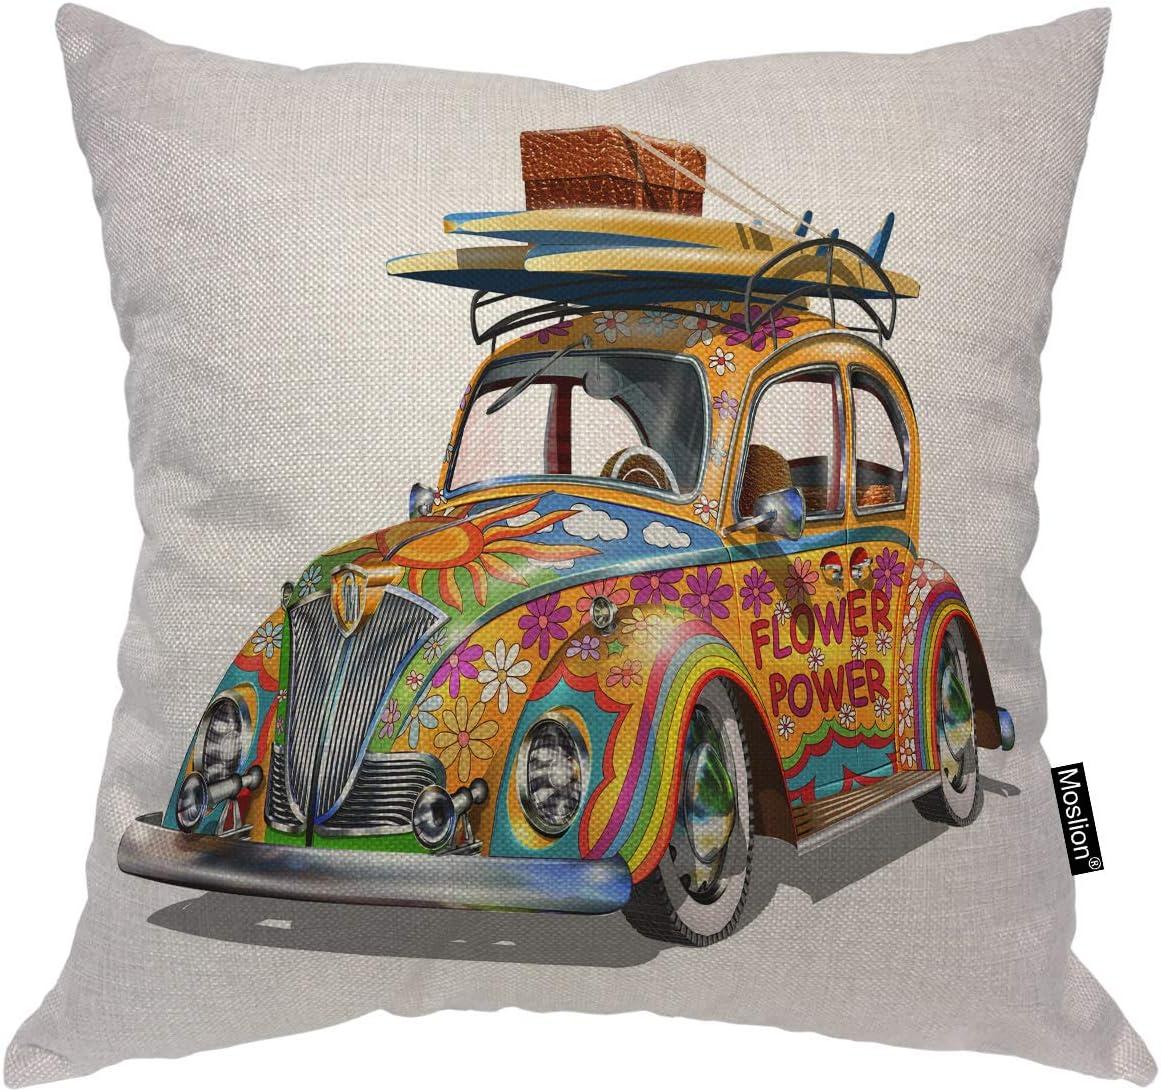 Moslion Car OFFer Decorative shop Pillow Covers Hippie V Vintage Inch 16x16